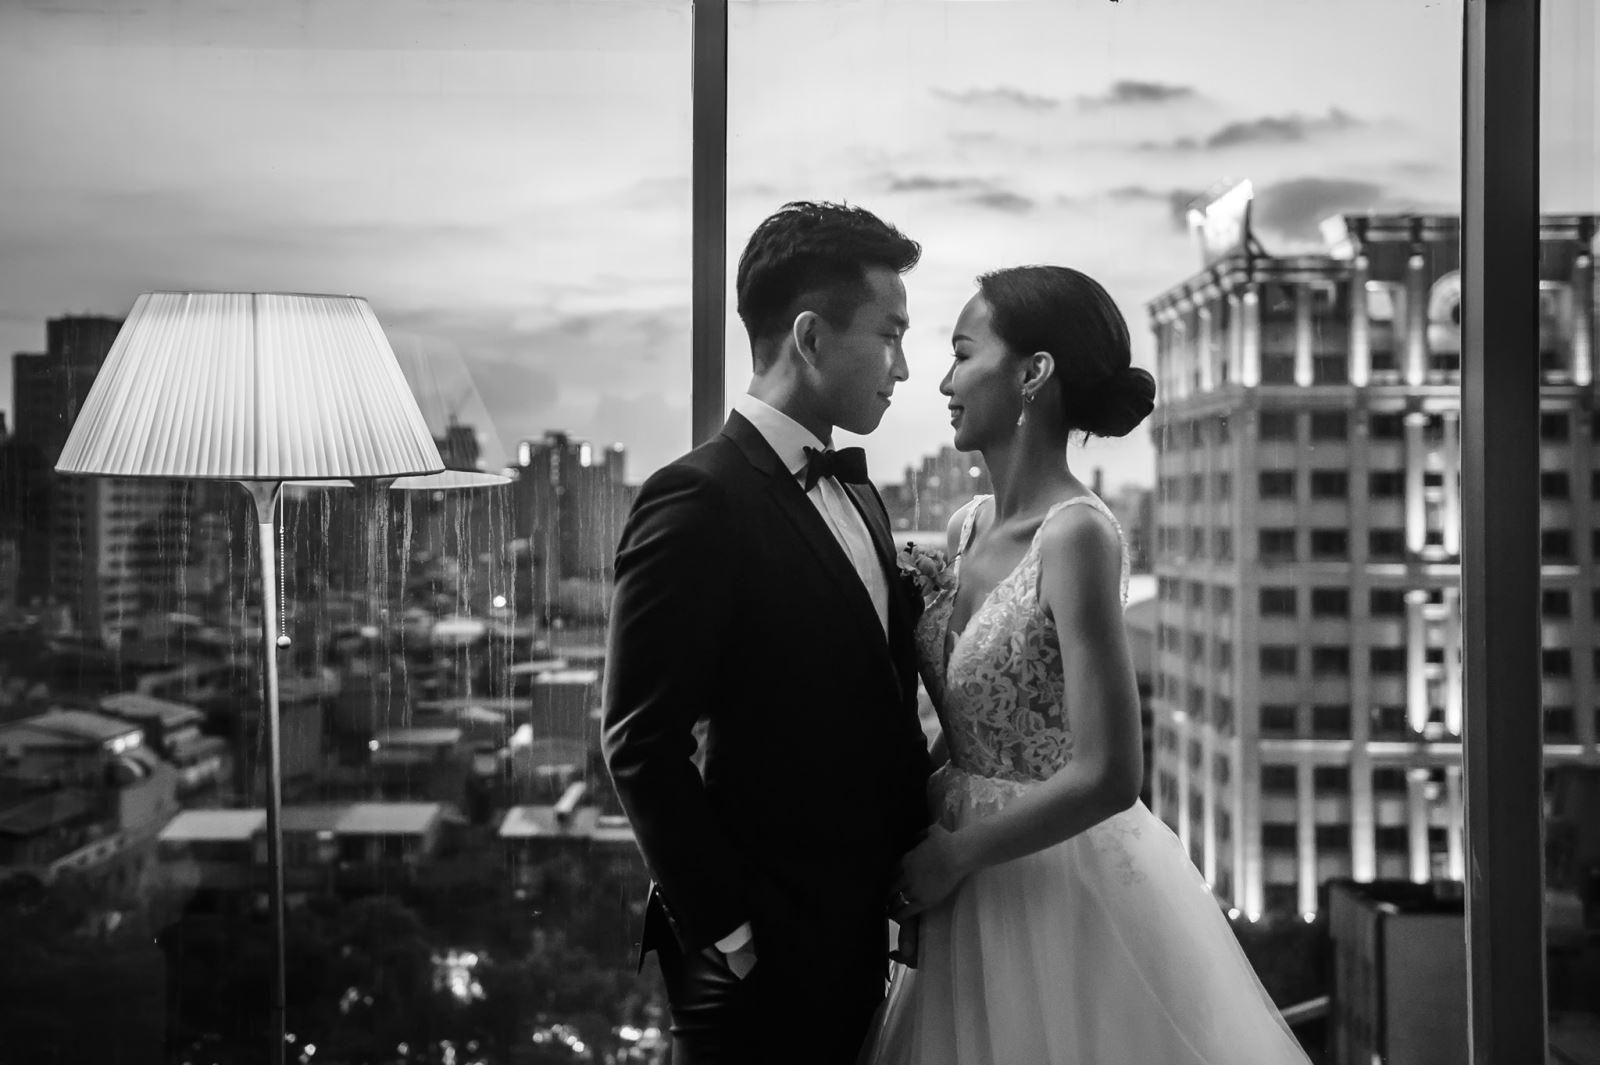 晶華酒店著名的新娘房落地窗景色